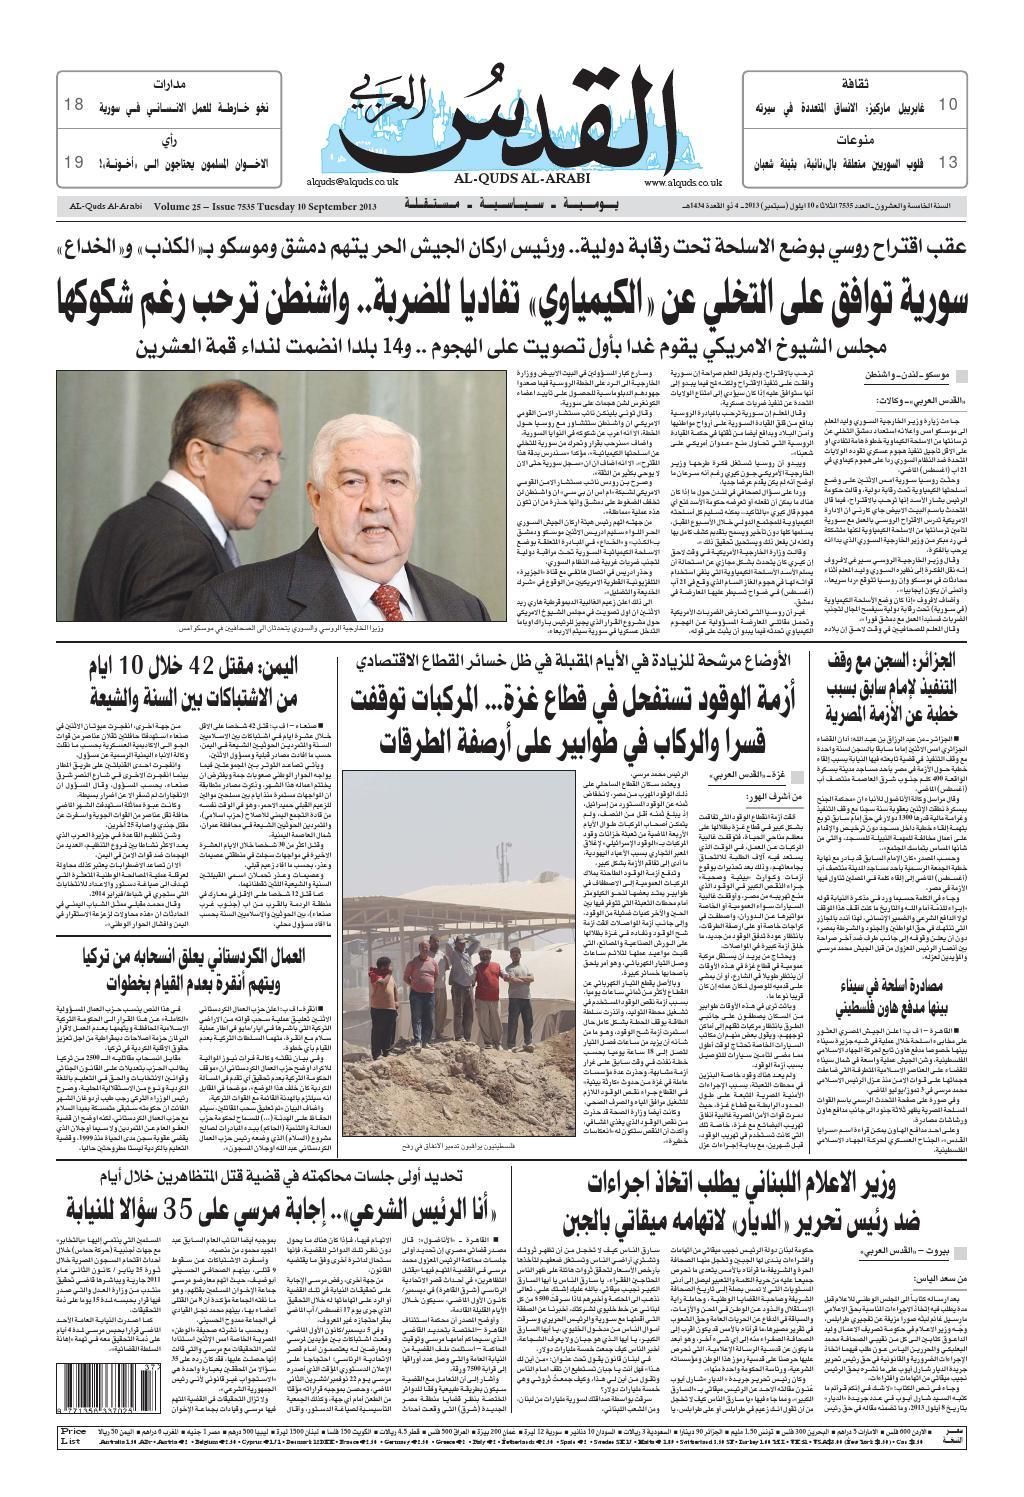 85eff3e30 صحيفة القدس العربي , الثلاثاء 10.09.2013 by مركز الحدث - issuu